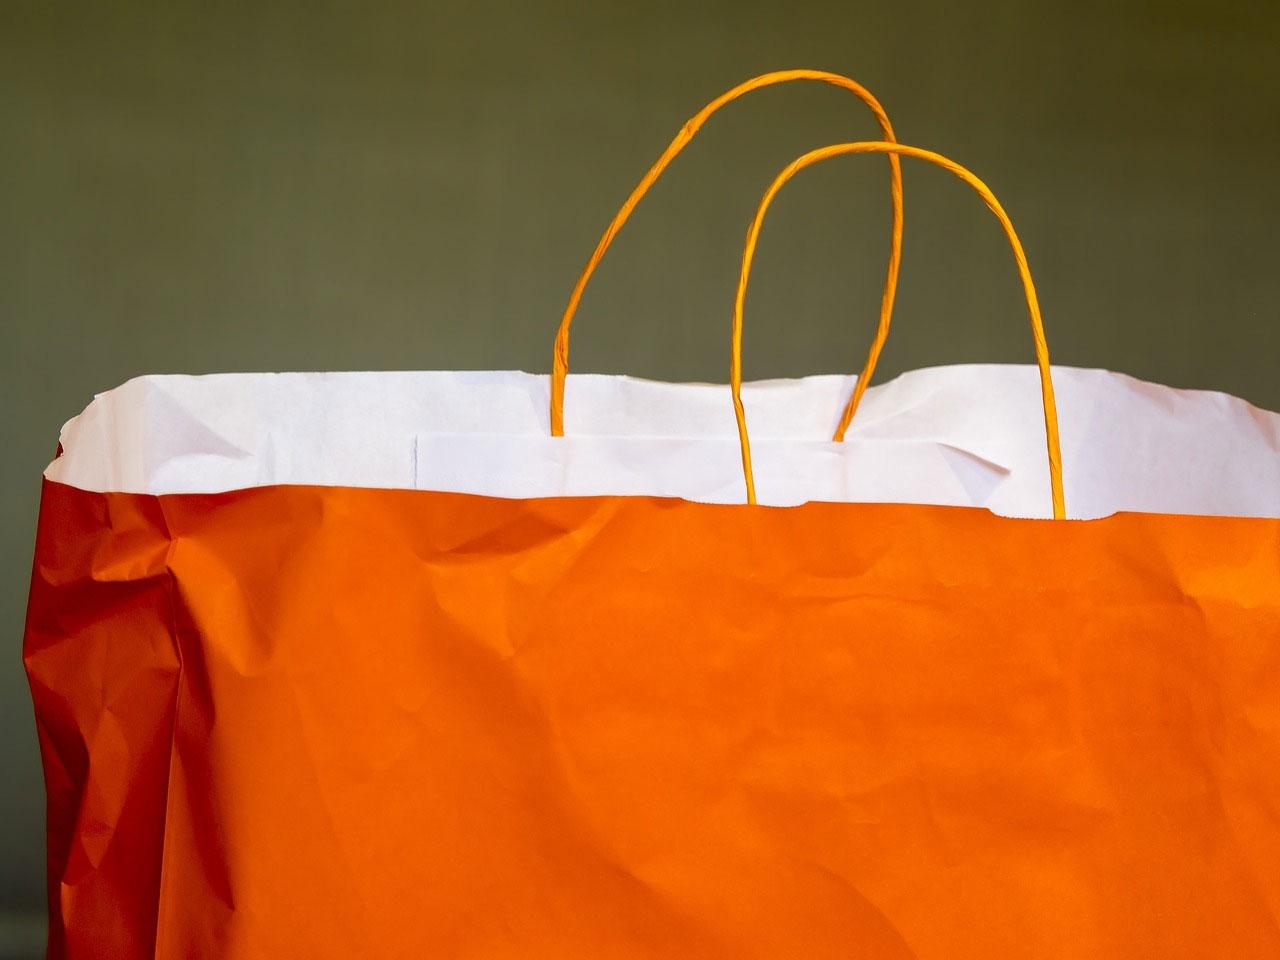 福袋はお得?夏の福袋や雑貨、コスメの福袋の特徴や選び方も解説!